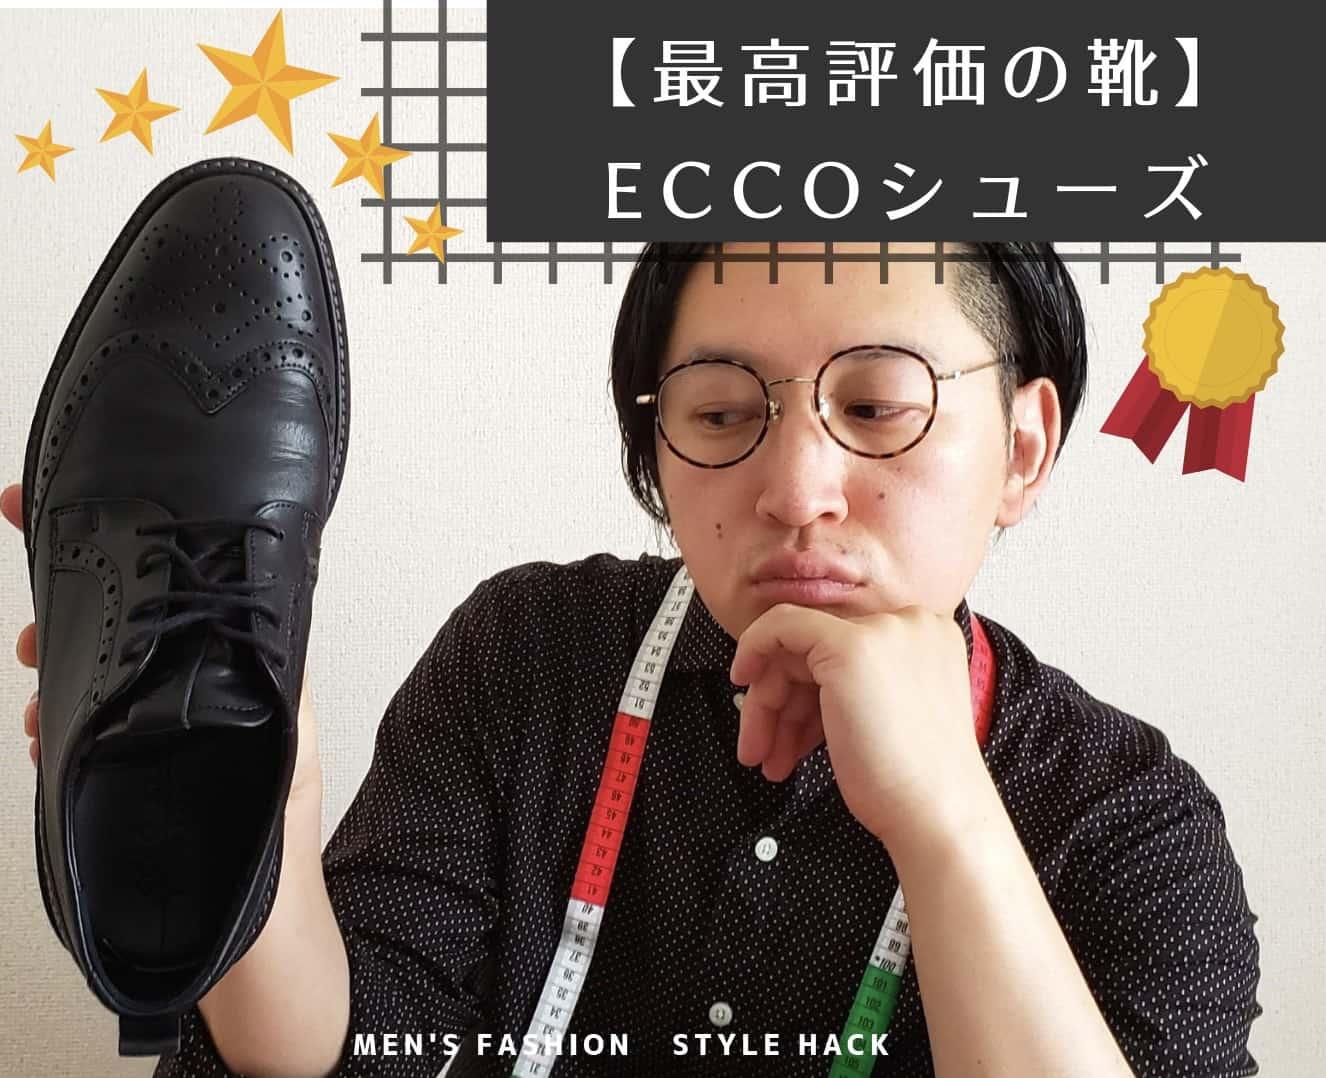 【画像】最高評価の靴ecco